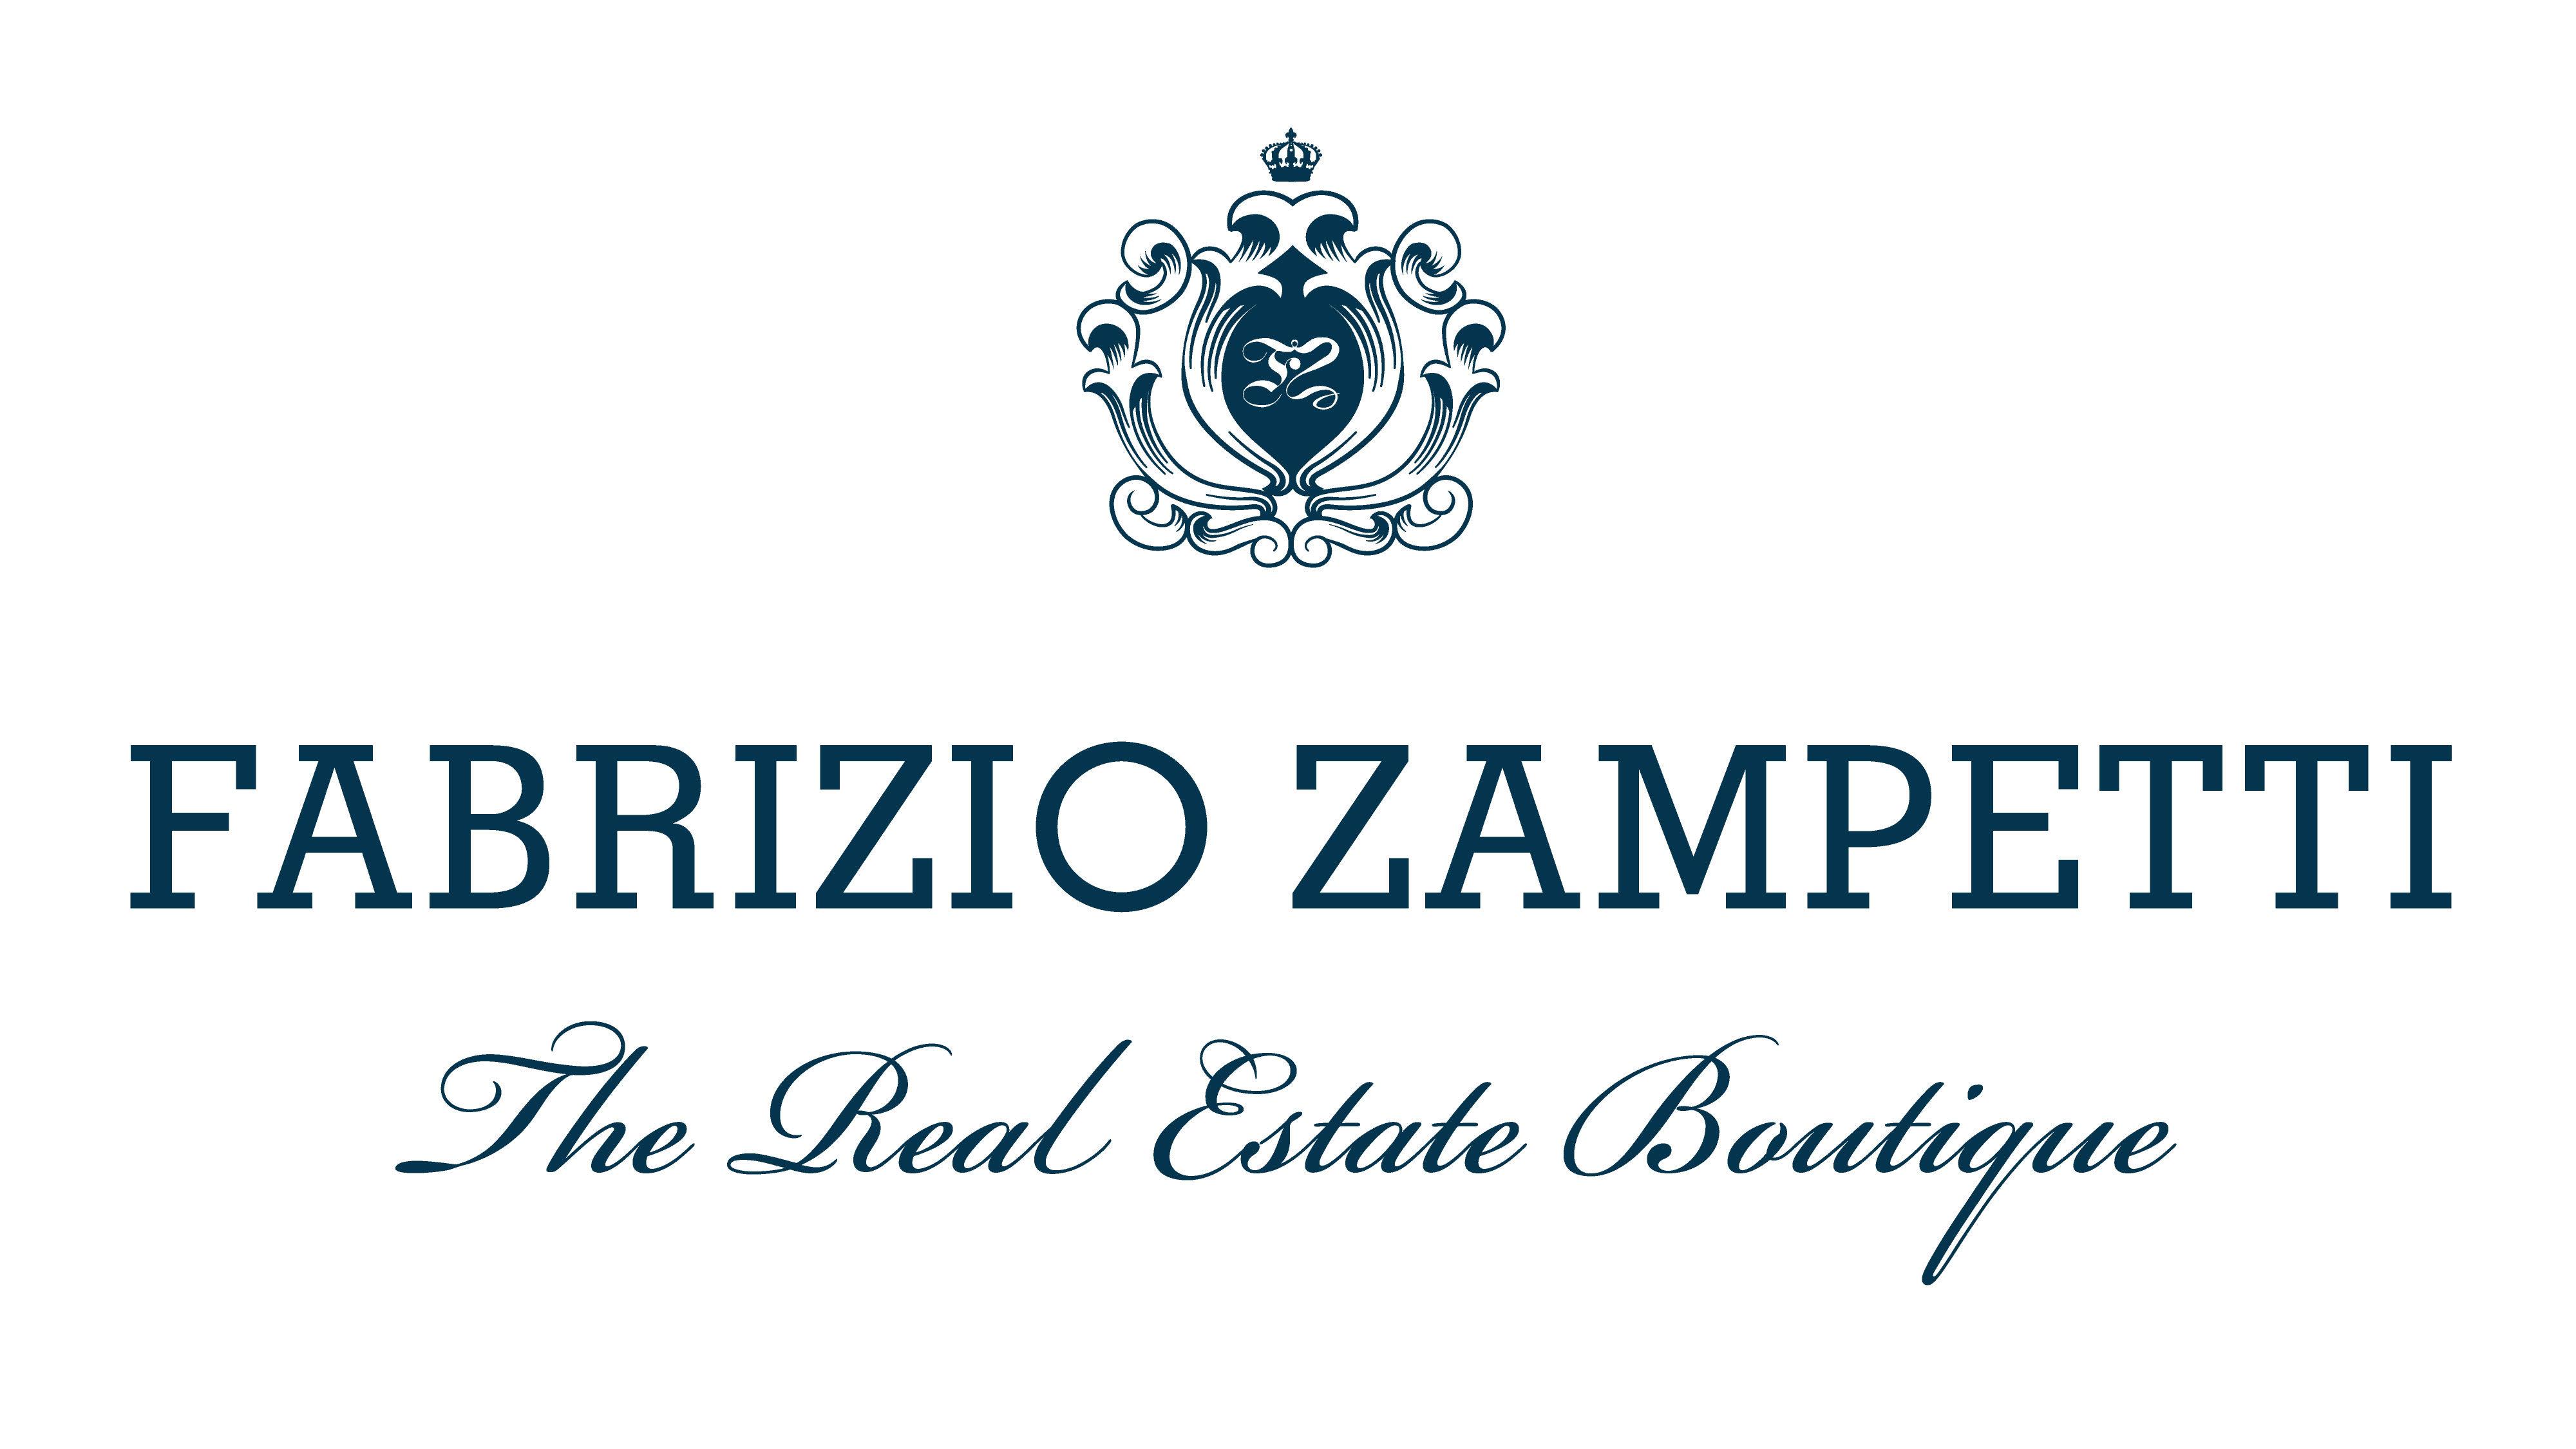 Fabrizio Zampetti De Luxe